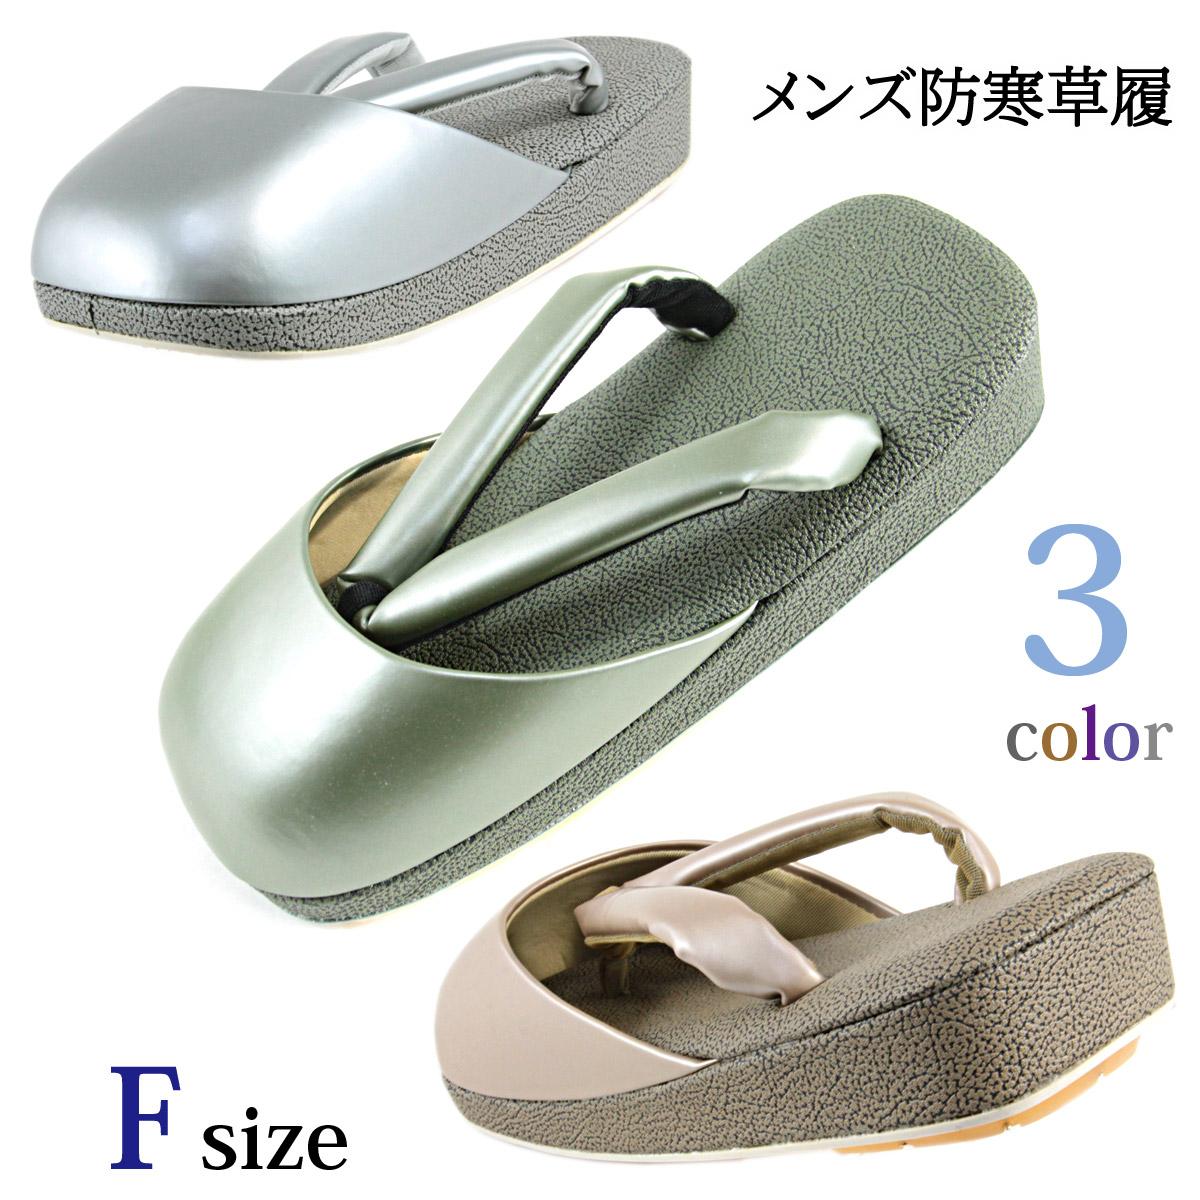 防寒草履 メンズ -5- 合成皮革 Free-size 全3色